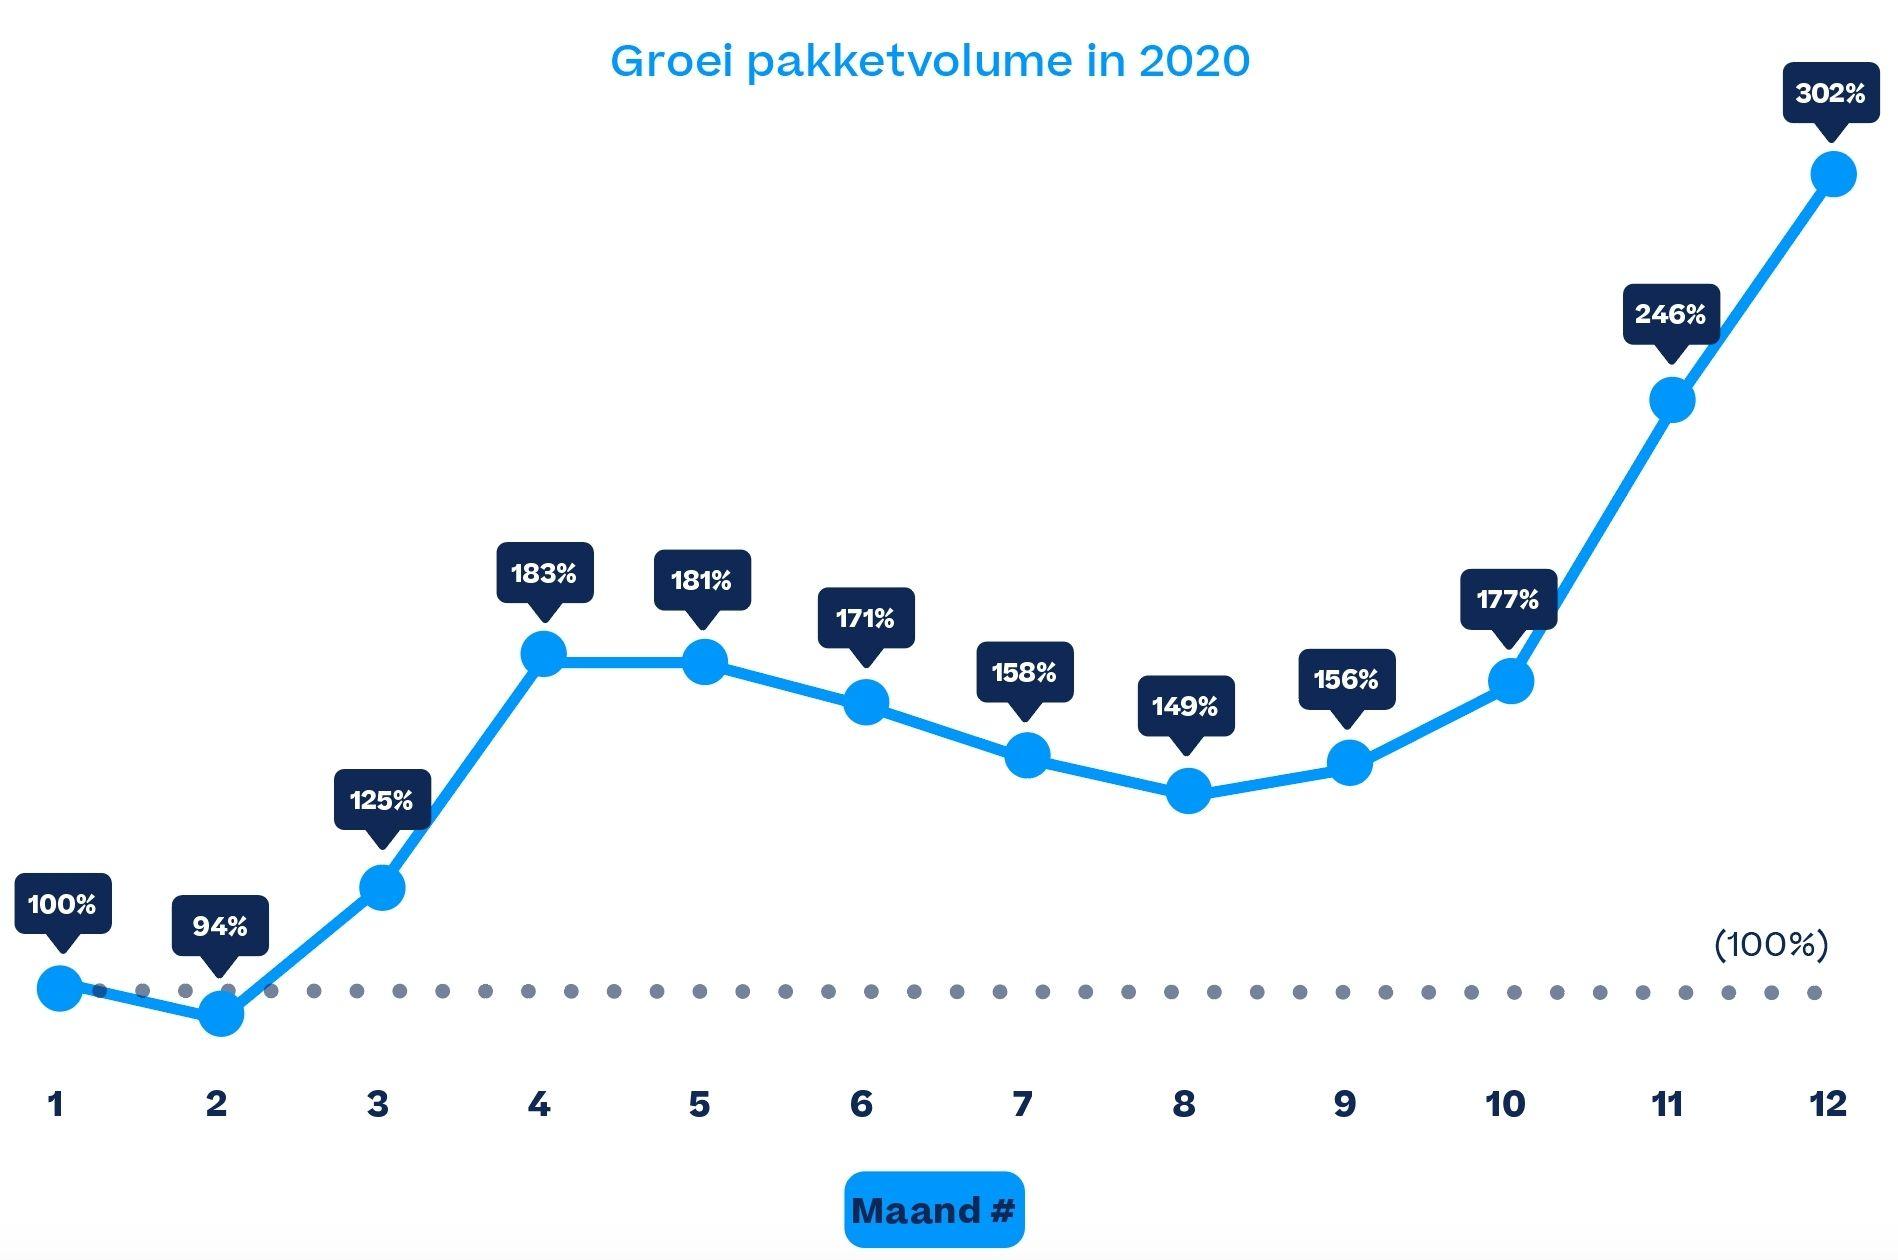 Sendcloud groei grafiek